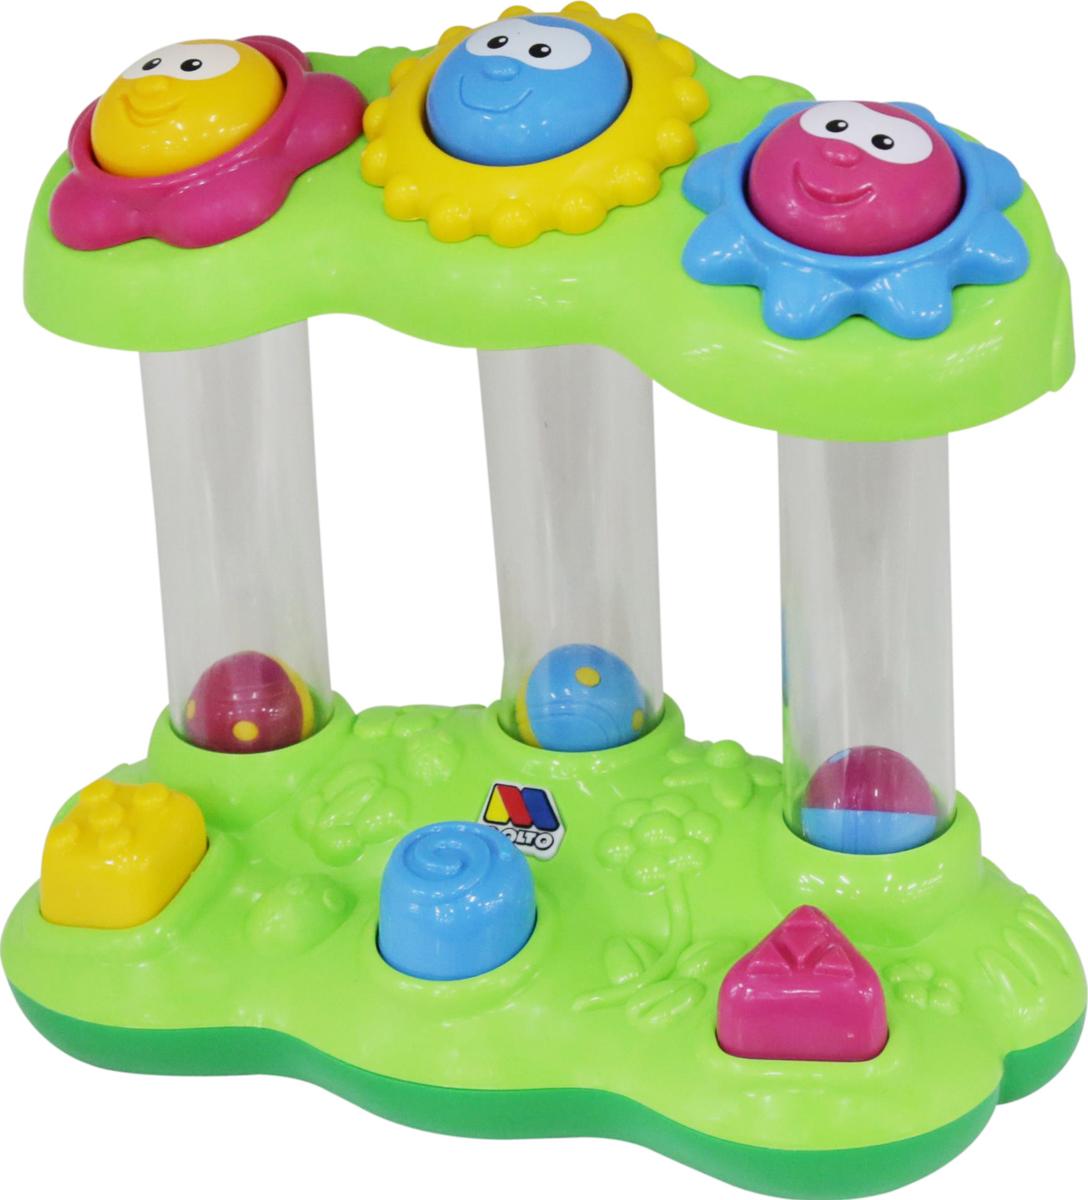 Полесье Развивающая игрушка Забавный сад, цвет в ассортименте